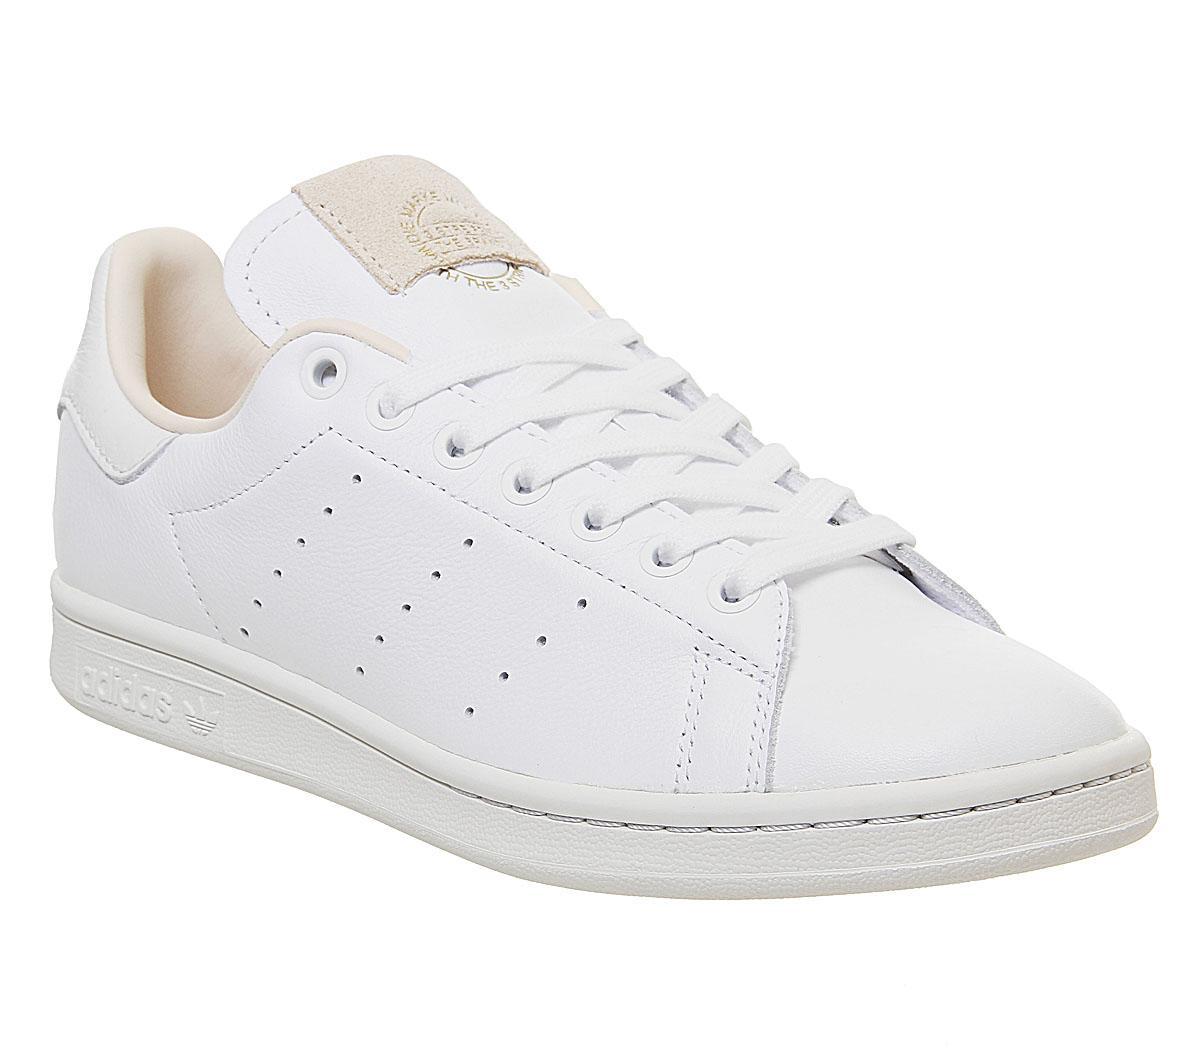 adidas Stan Smith Trainers White White